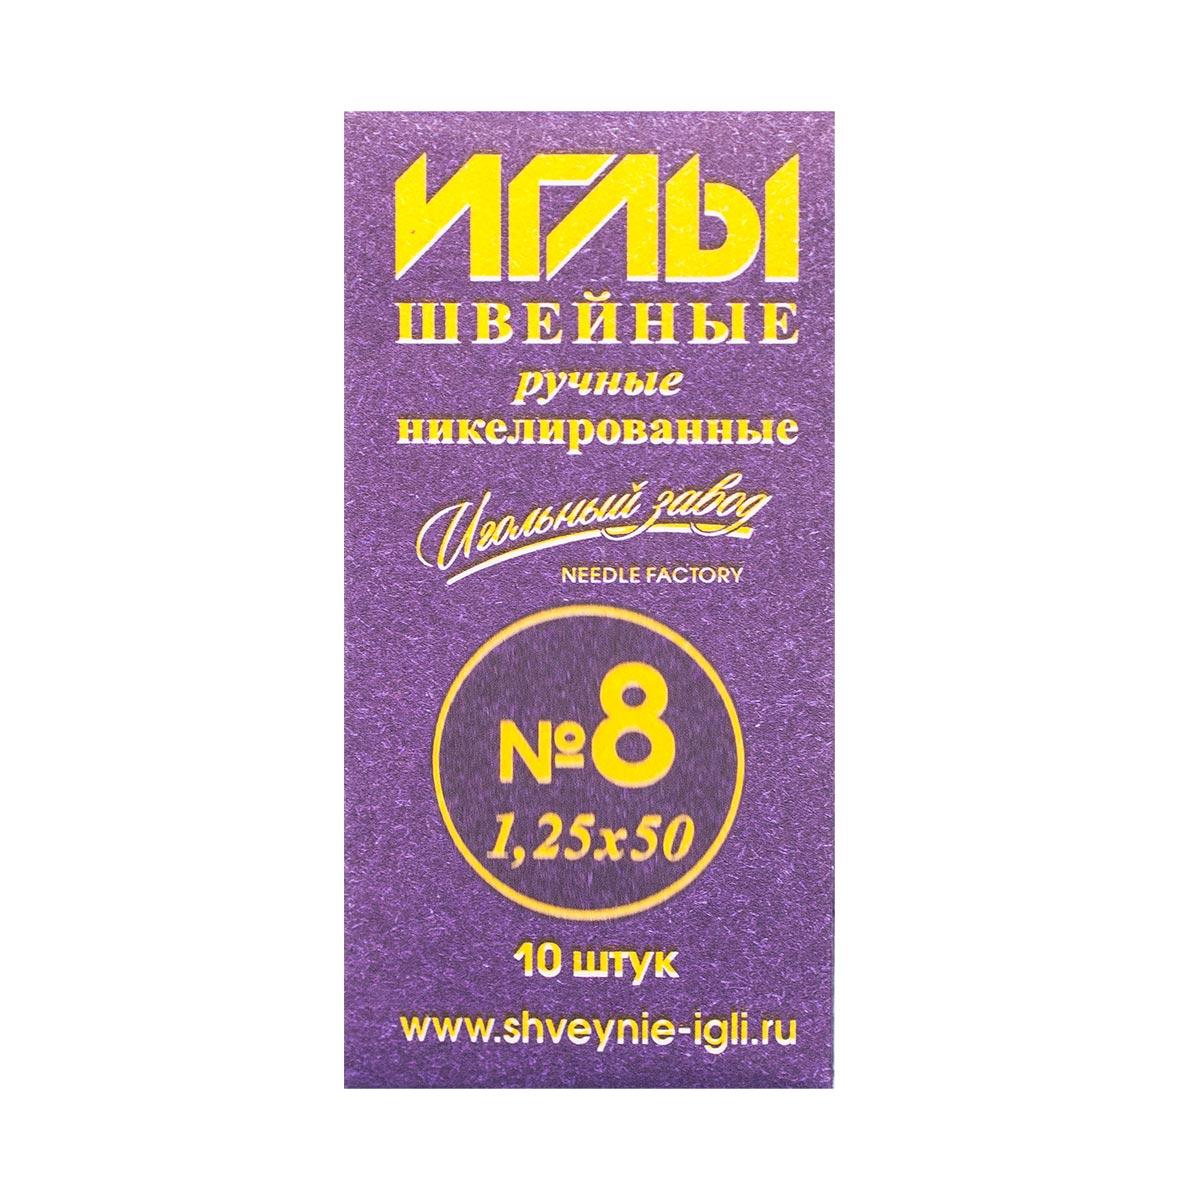 ИЗ-200108 Иглы швейные ручные №8 никелированные (1,2*50 мм),10шт